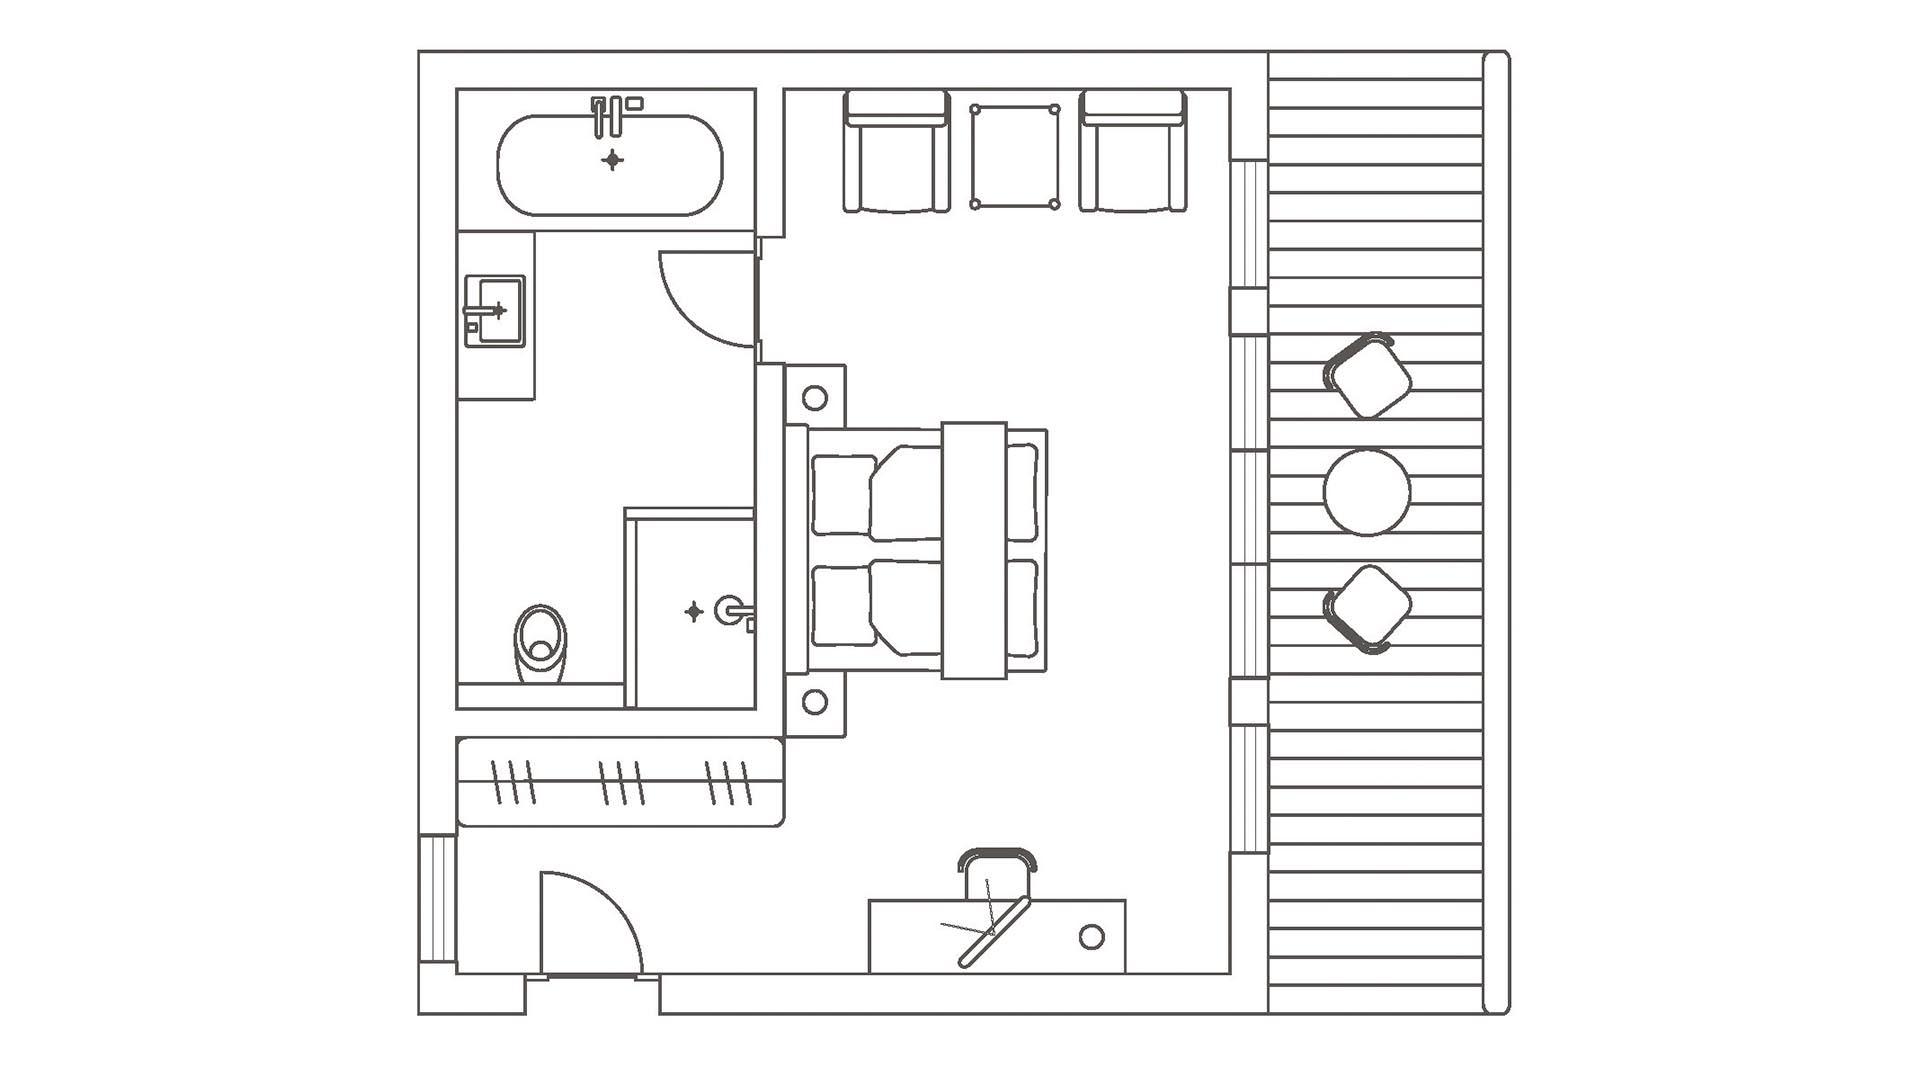 5_Doppelzimmer-STERN-35qm_0055_GR_DZ_Sonne2.jpg